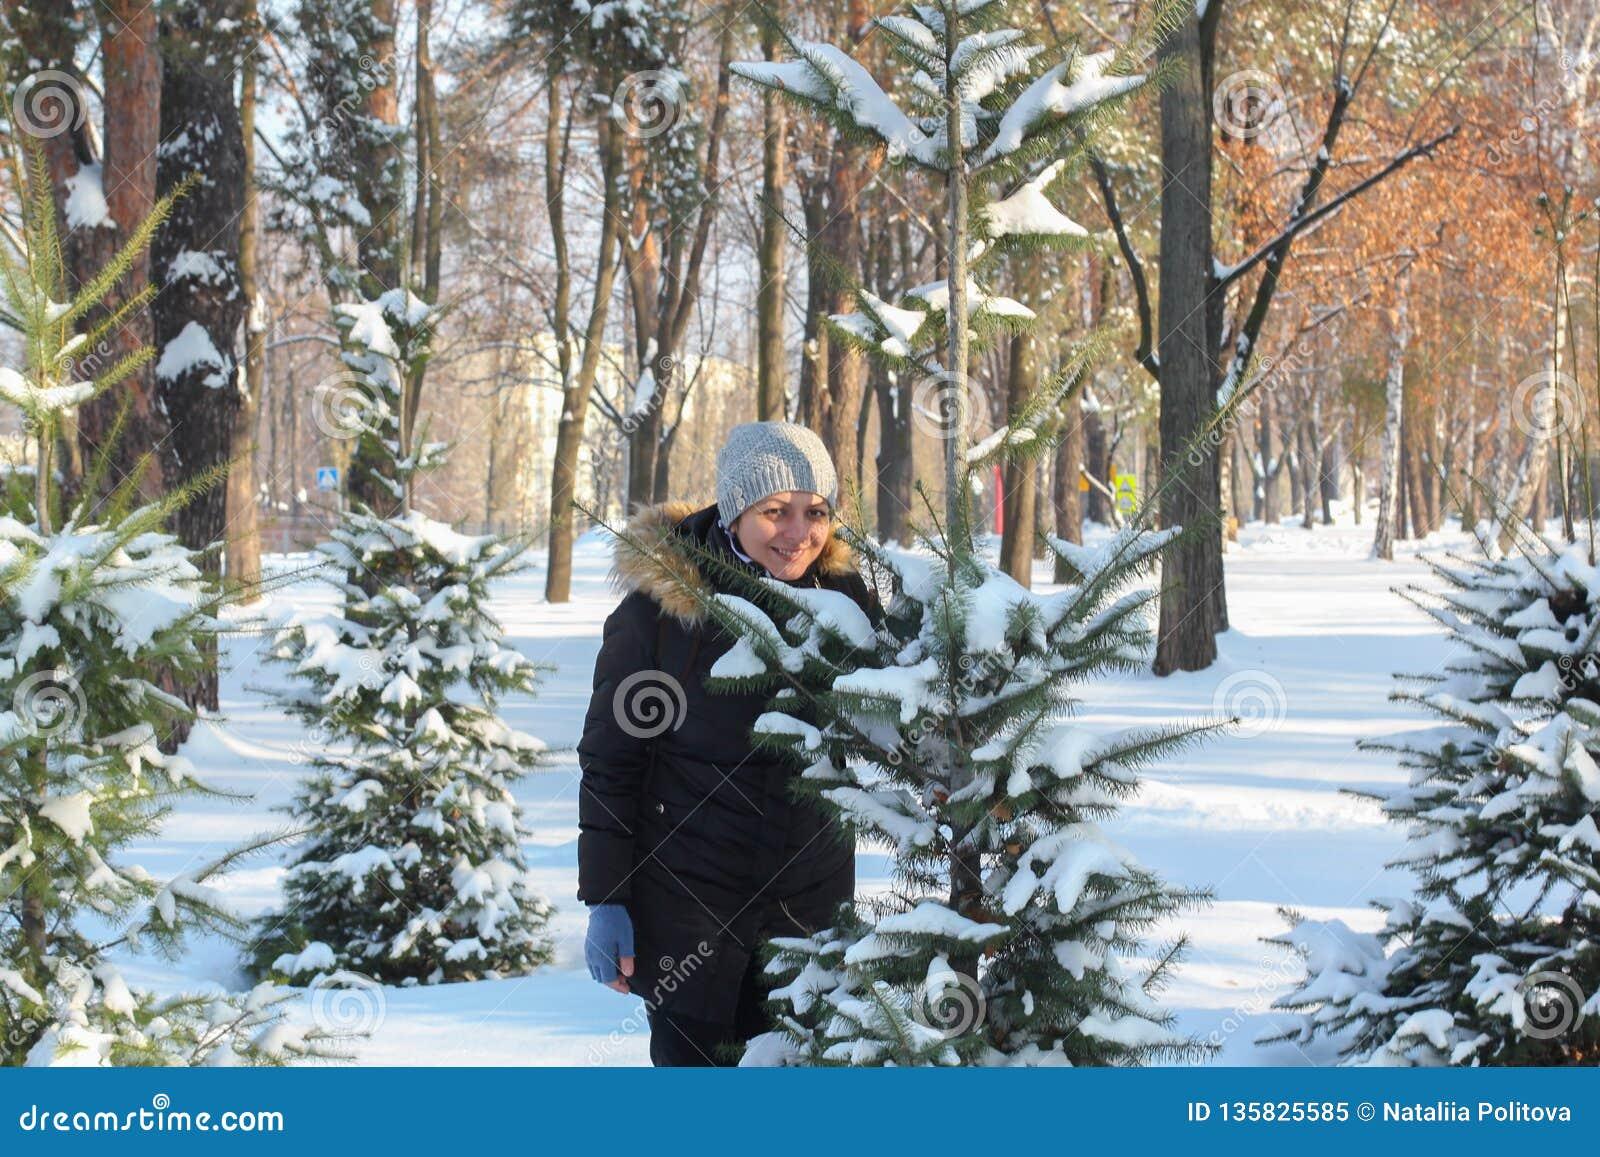 Το παιχνίδι νέων γυναικών και νεαρών άνδρων συσσωρεύεται snowdrift μεταξύ των δέντρων που καλύπτονται στο χιόνι